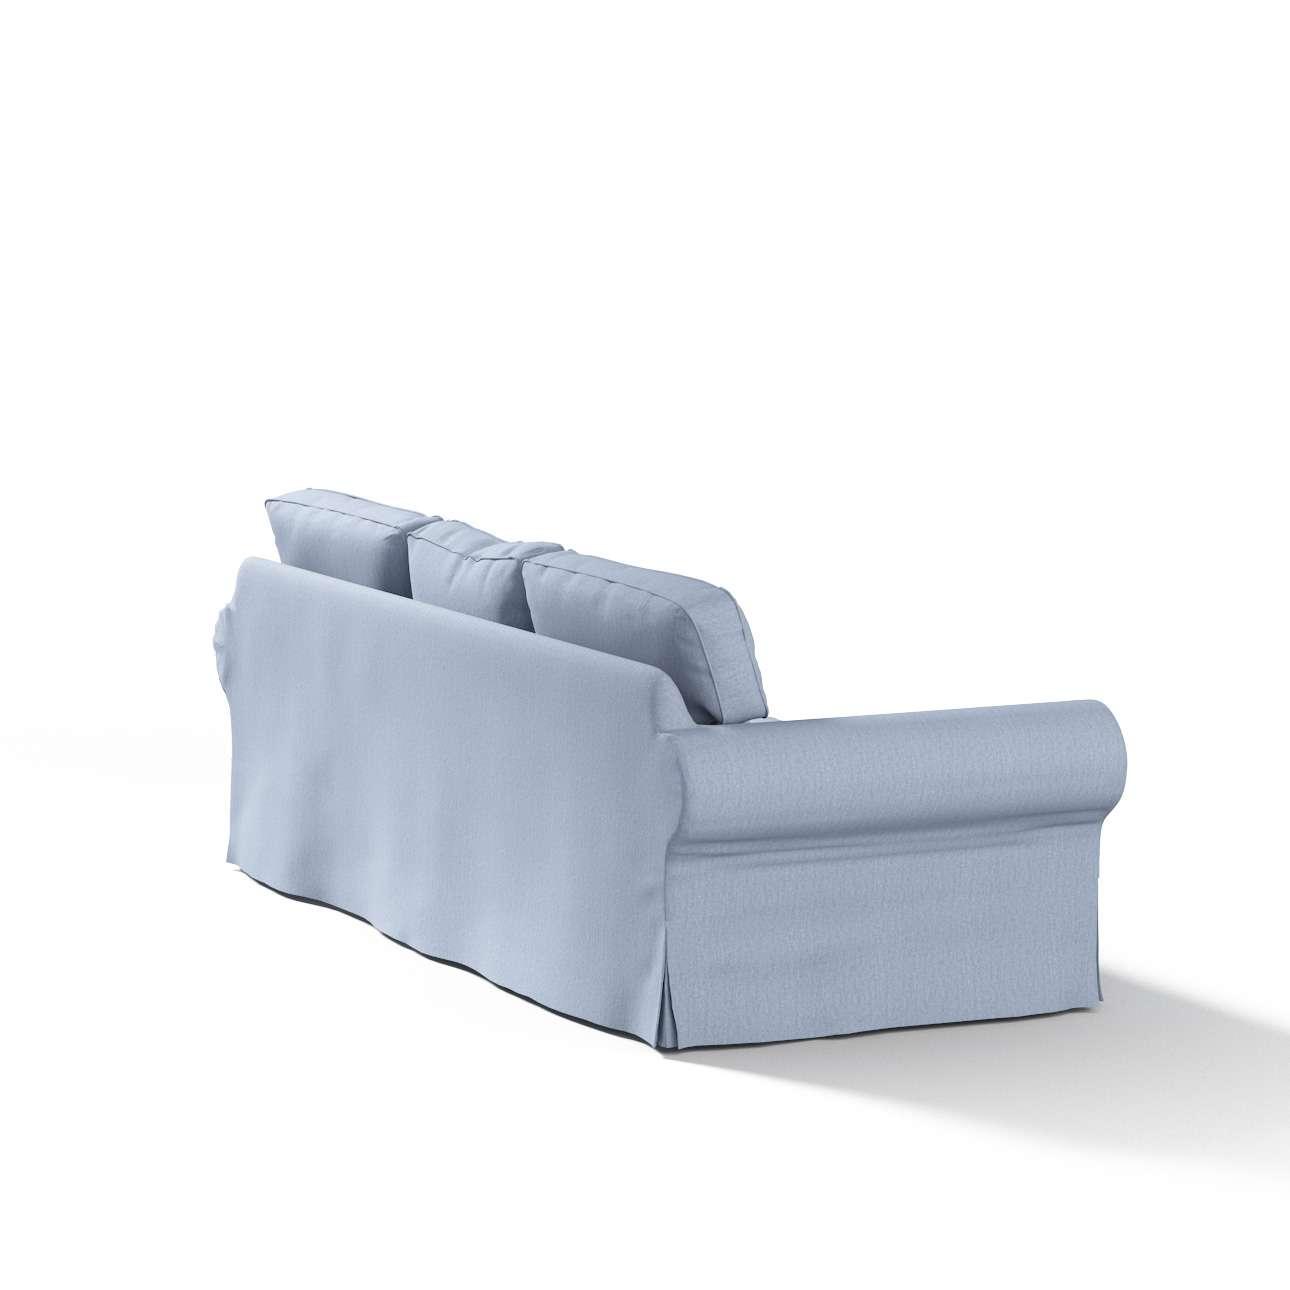 Pokrowiec na sofę Ektorp 3-osobową, nierozkładaną Sofa Ektorp 3-osobowa w kolekcji Chenille, tkanina: 702-13